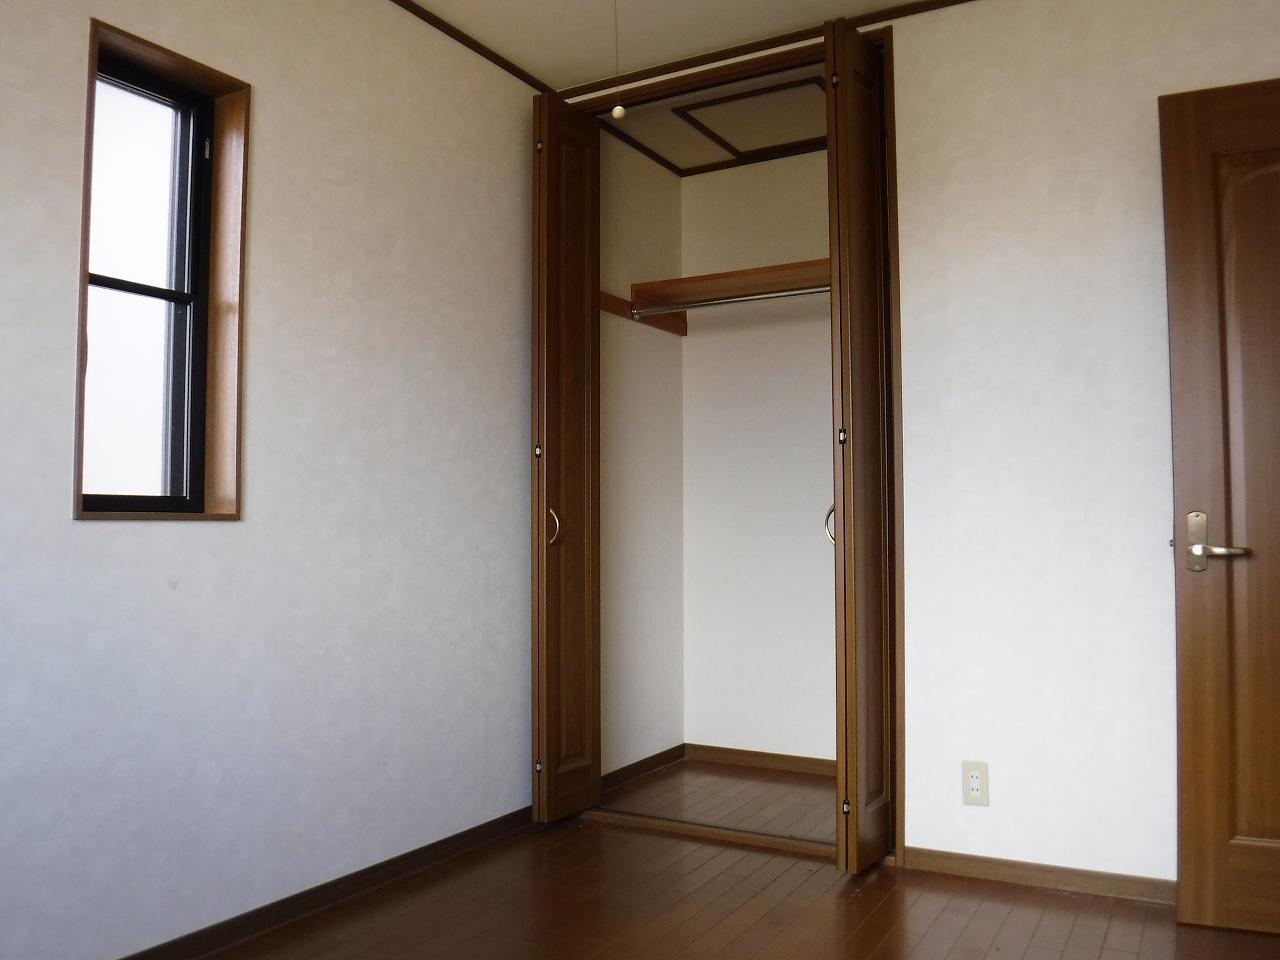 全居室収納スペース有り(^^)荷物が多くても十分納まります!